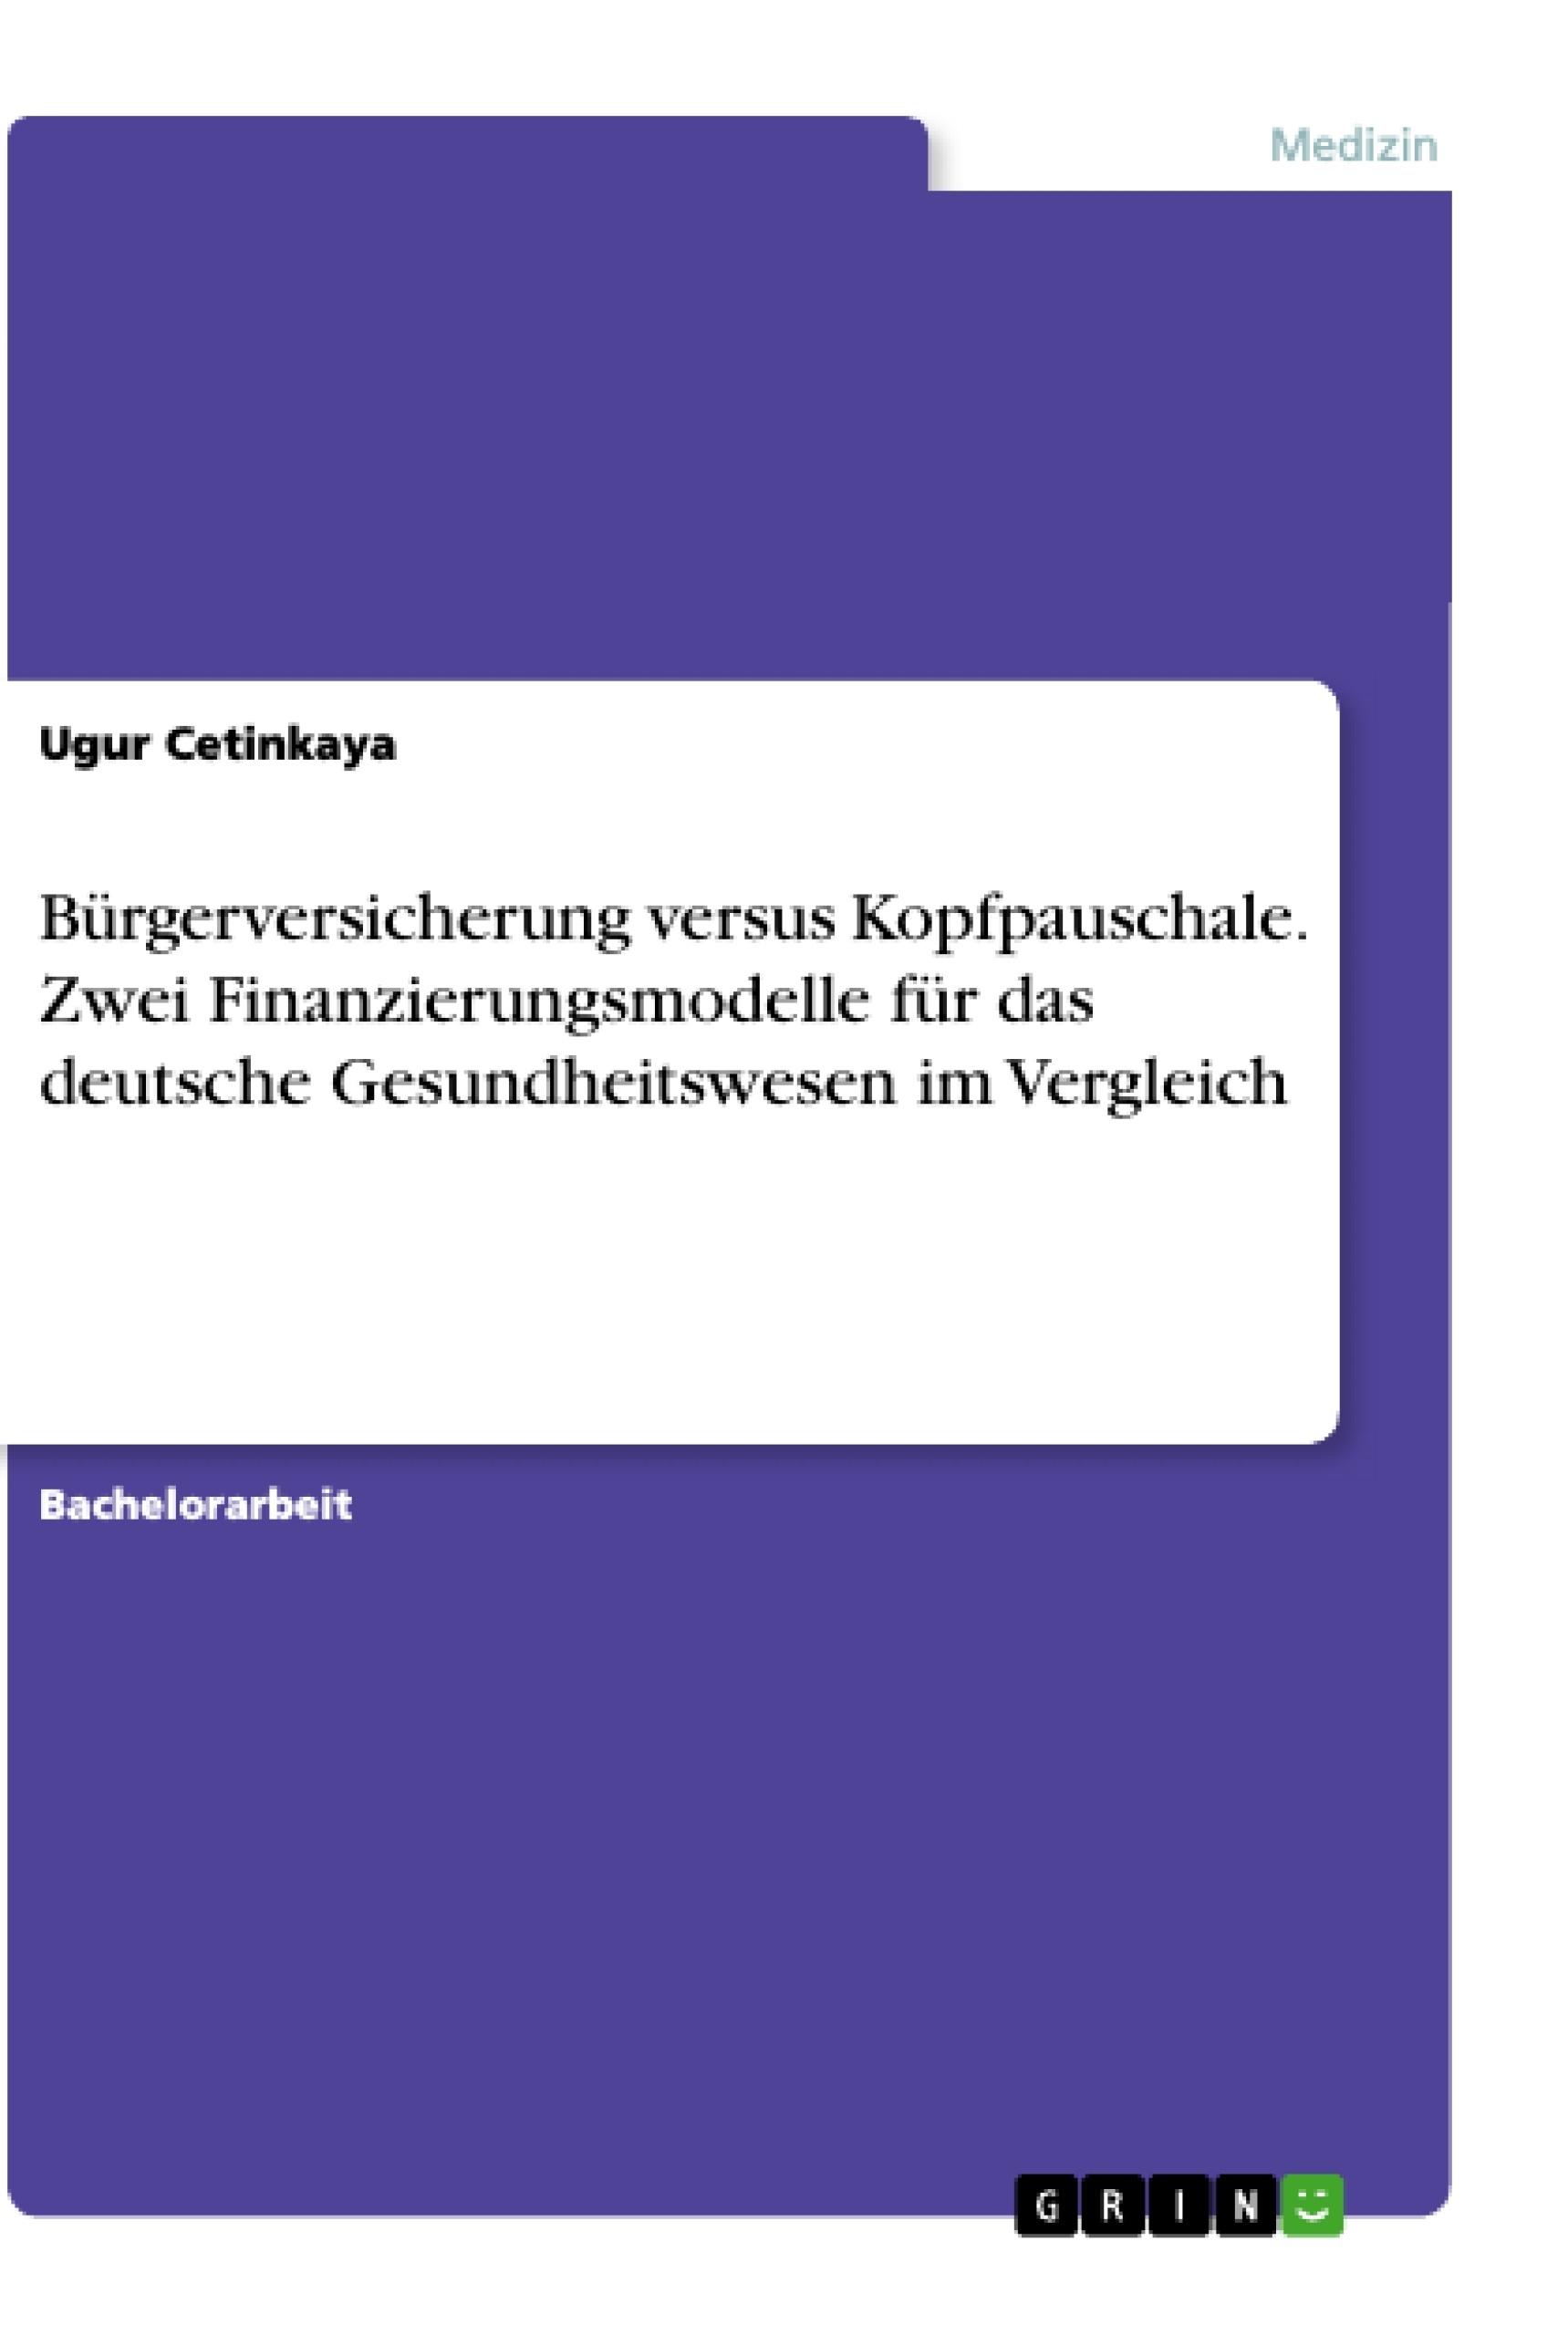 Titel: Bürgerversicherung versus Kopfpauschale. Zwei Finanzierungsmodelle für das deutsche Gesundheitswesen im Vergleich